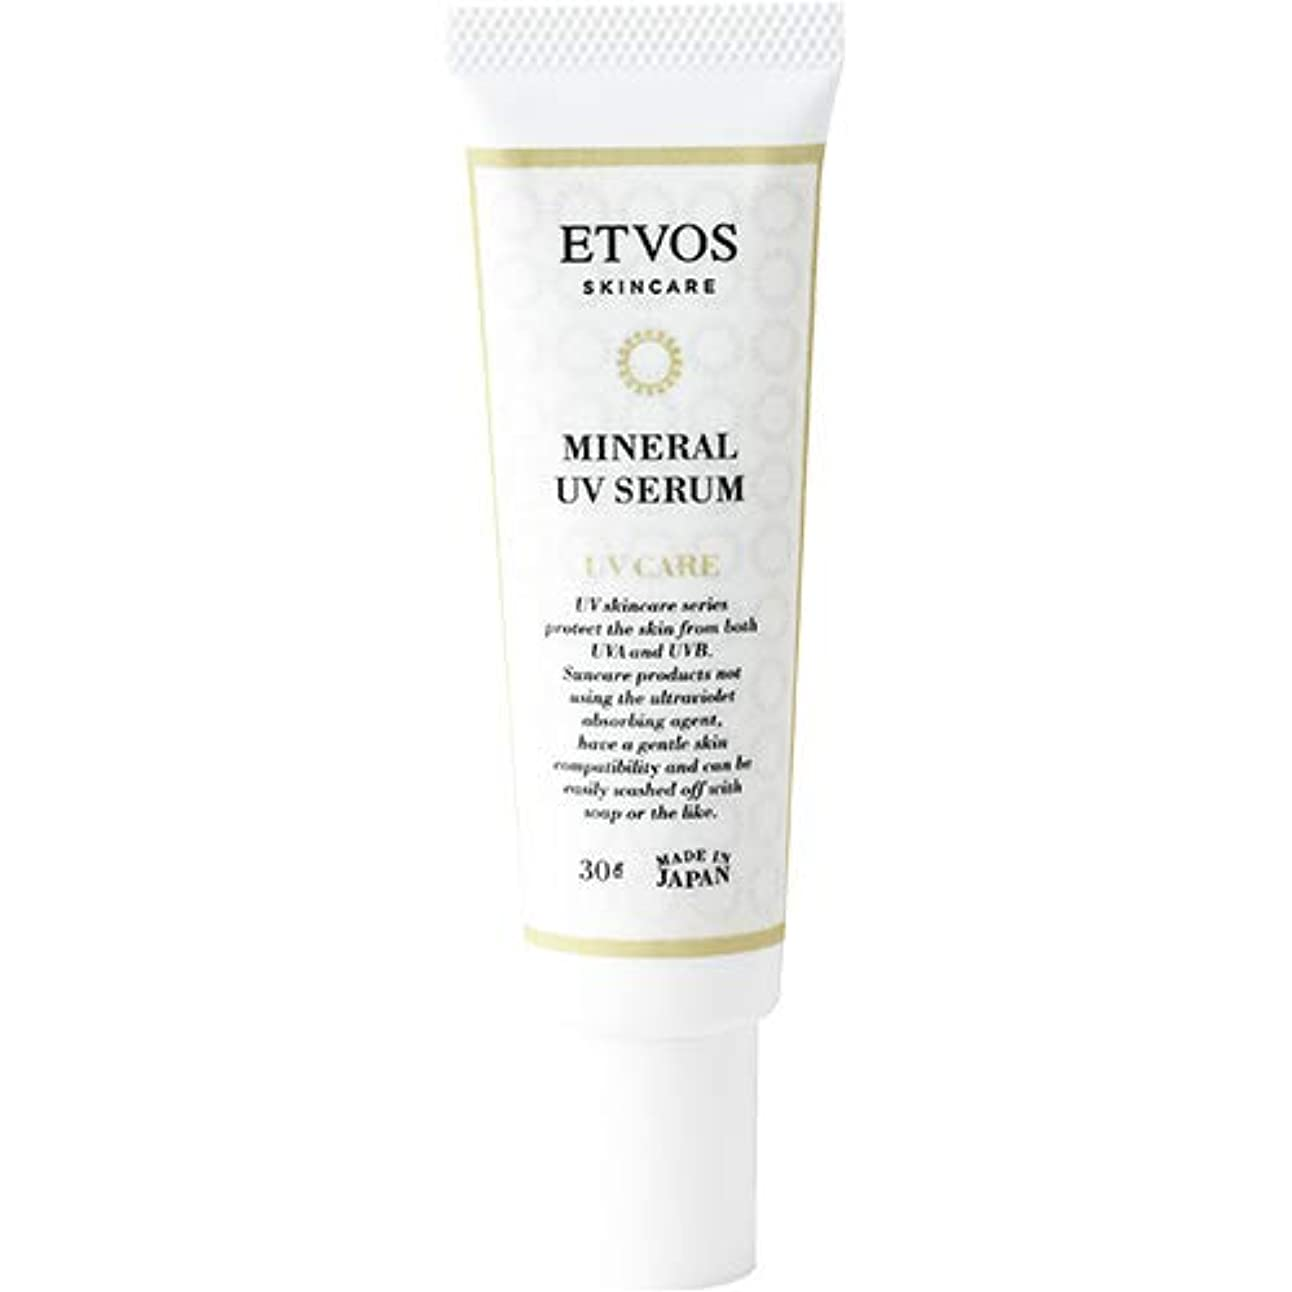 通貨醸造所不適切なETVOS(エトヴォス) 日焼け止め美容液 ミネラルUVセラム SPF35/PA+++ 30g 化粧下地 紫外線吸収剤不使用